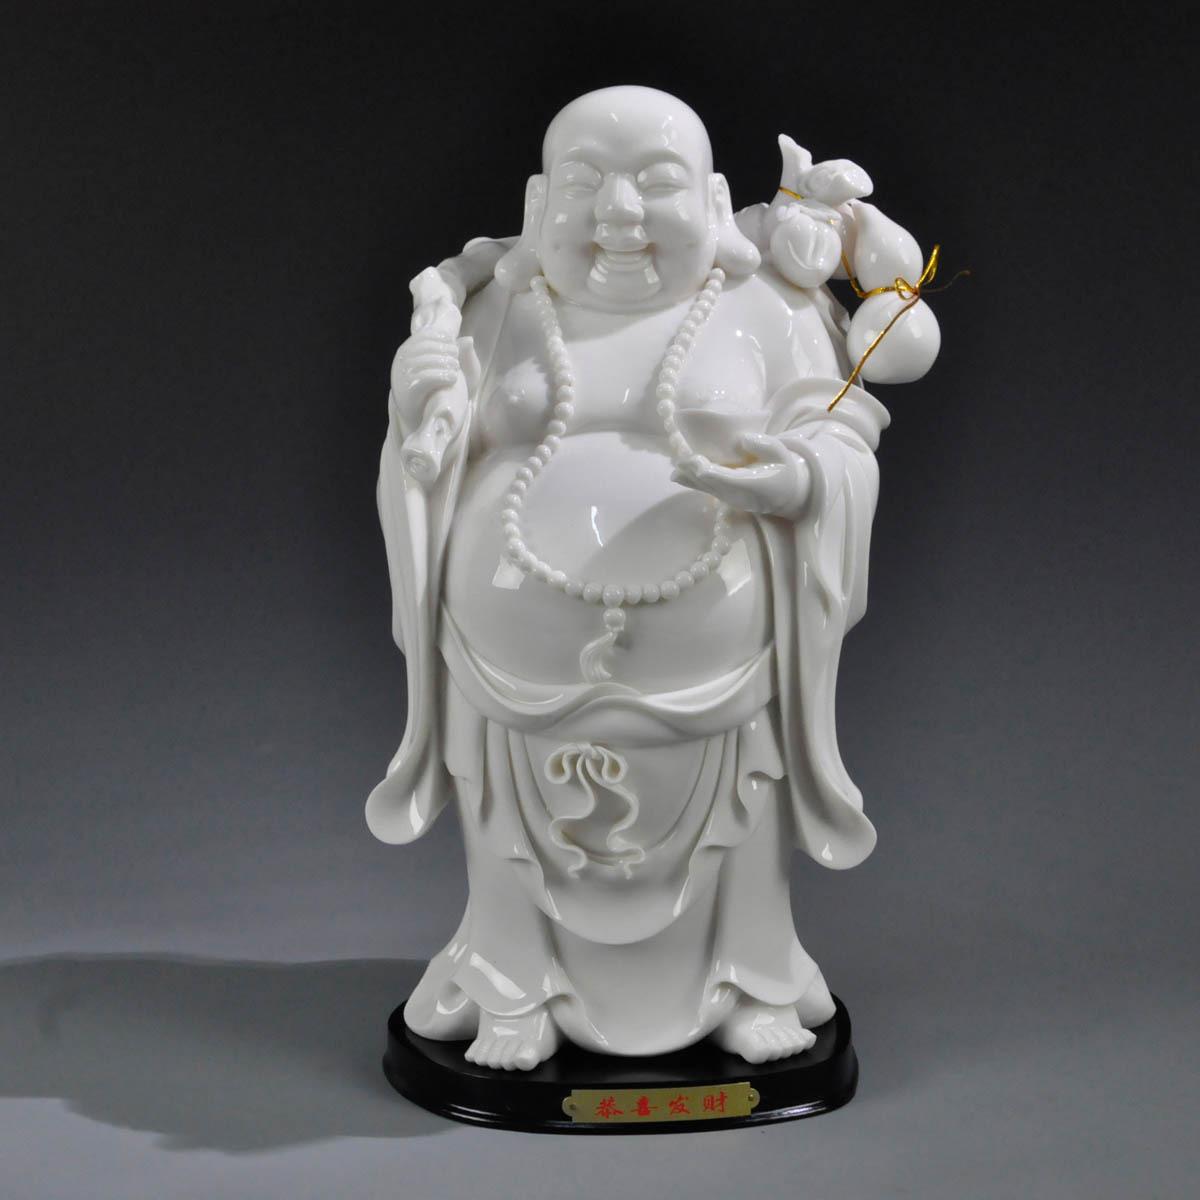 12寸恭喜发财布袋陶瓷弥勒佛像 笑口常开佛像 家居摆件 商务礼品